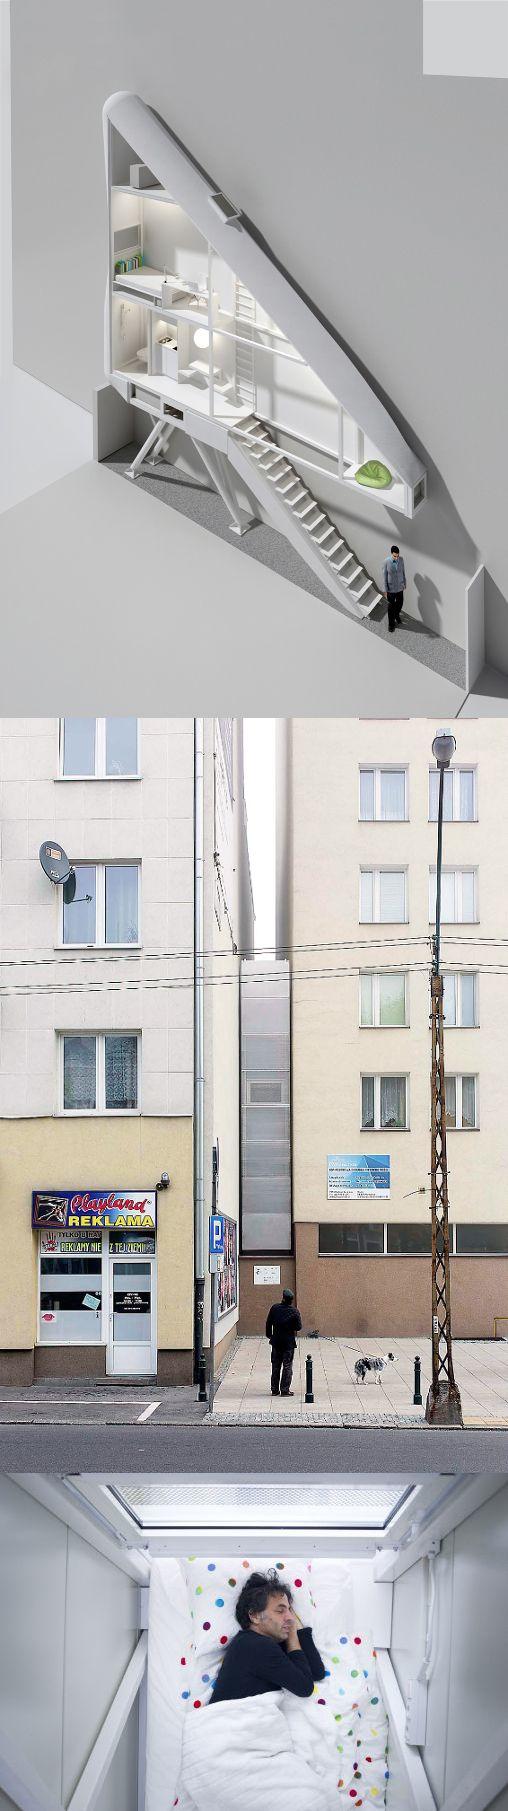 在小巷子裡,玩小住宅